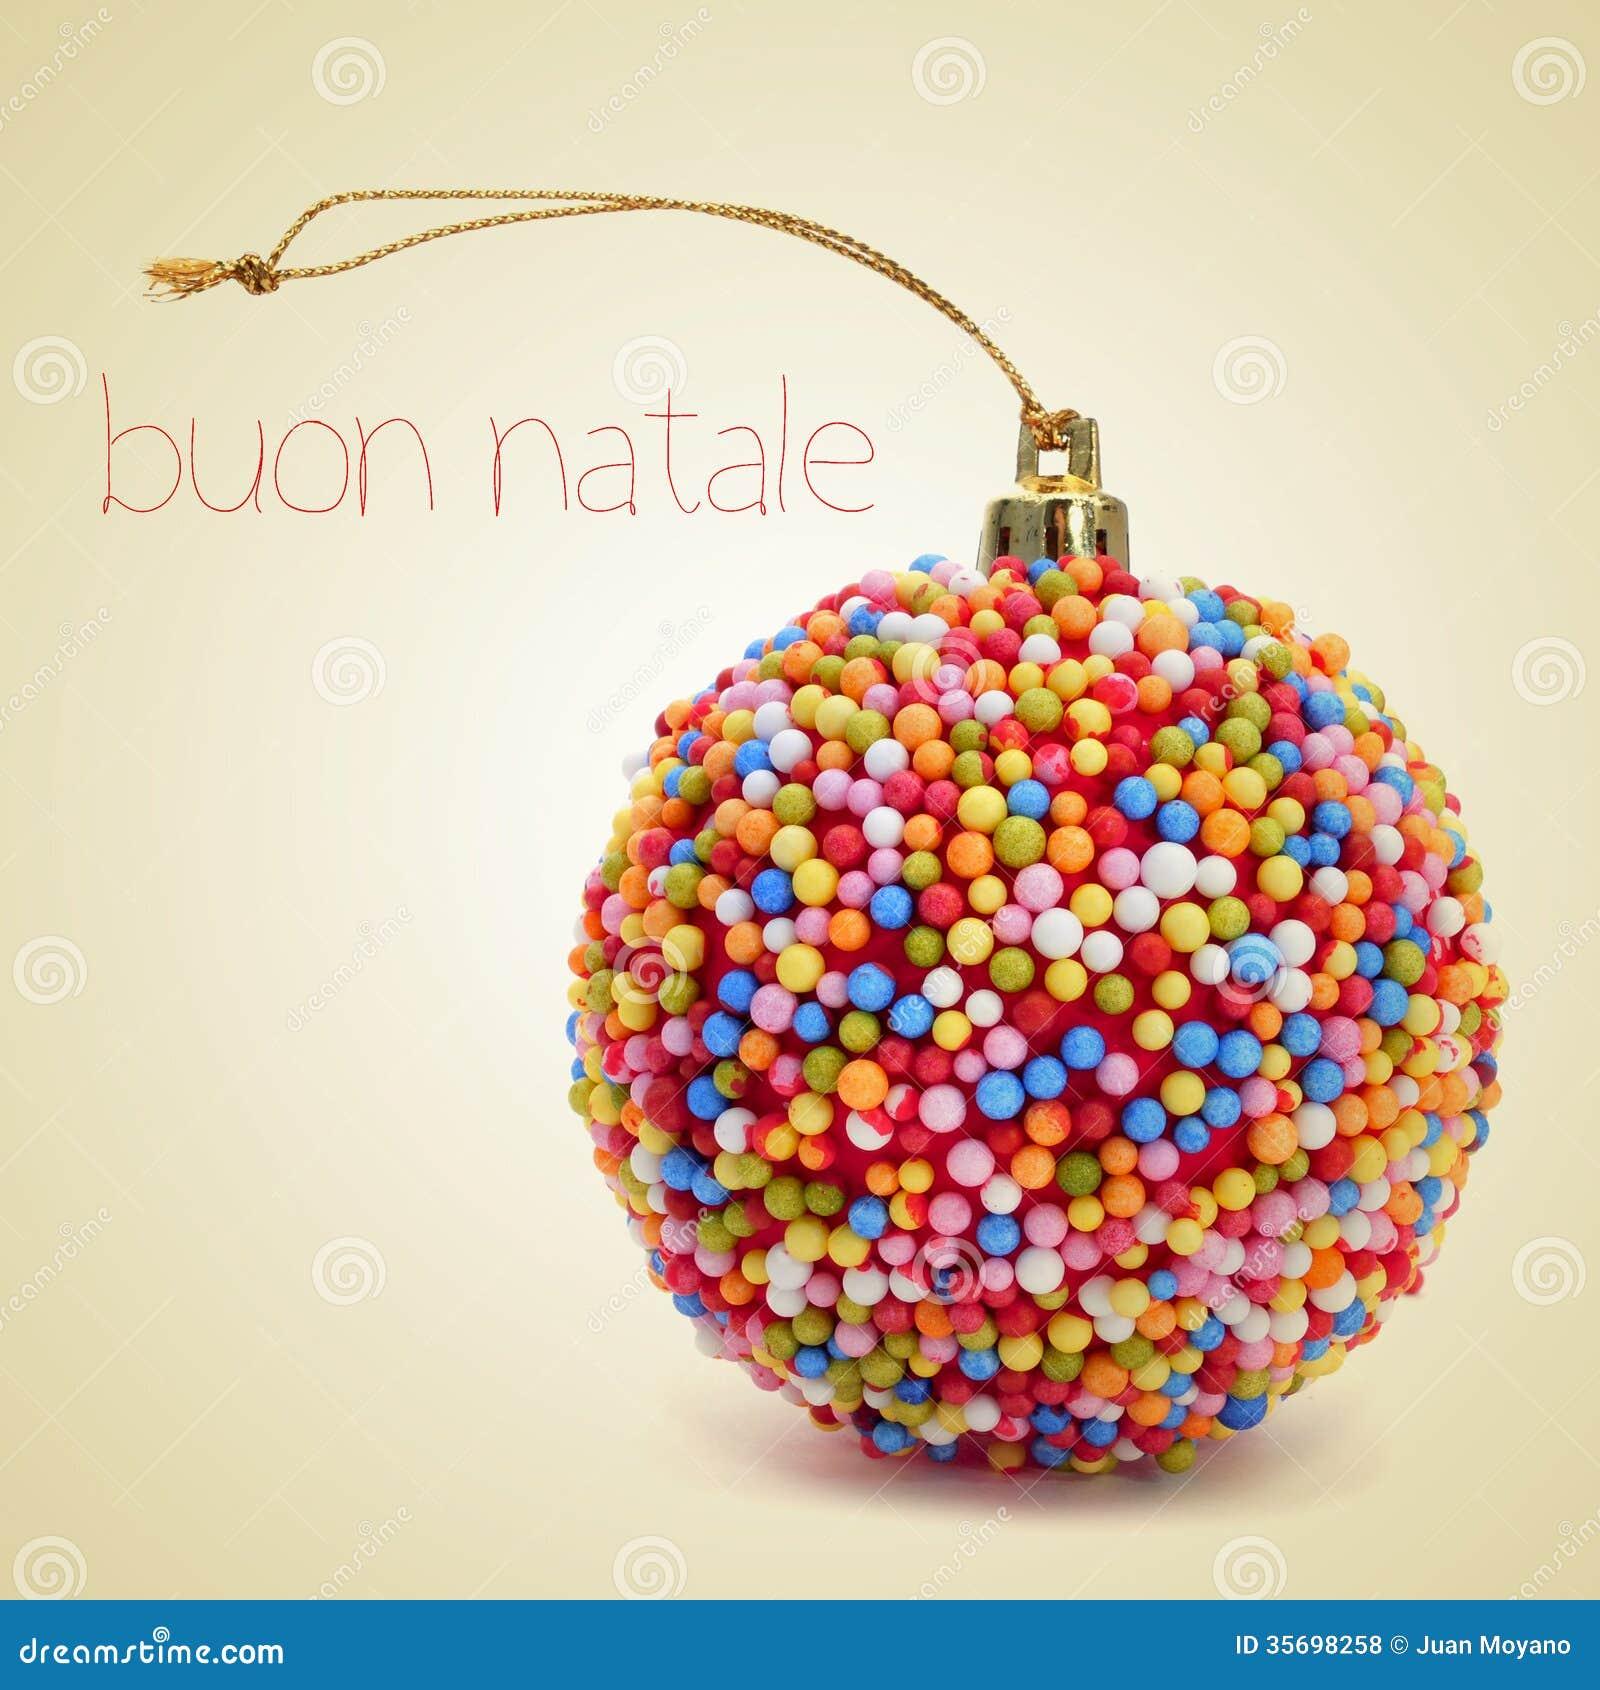 buon natale frohe weihnachten auf italienisch stockfoto bild von retro feiertag 35698258